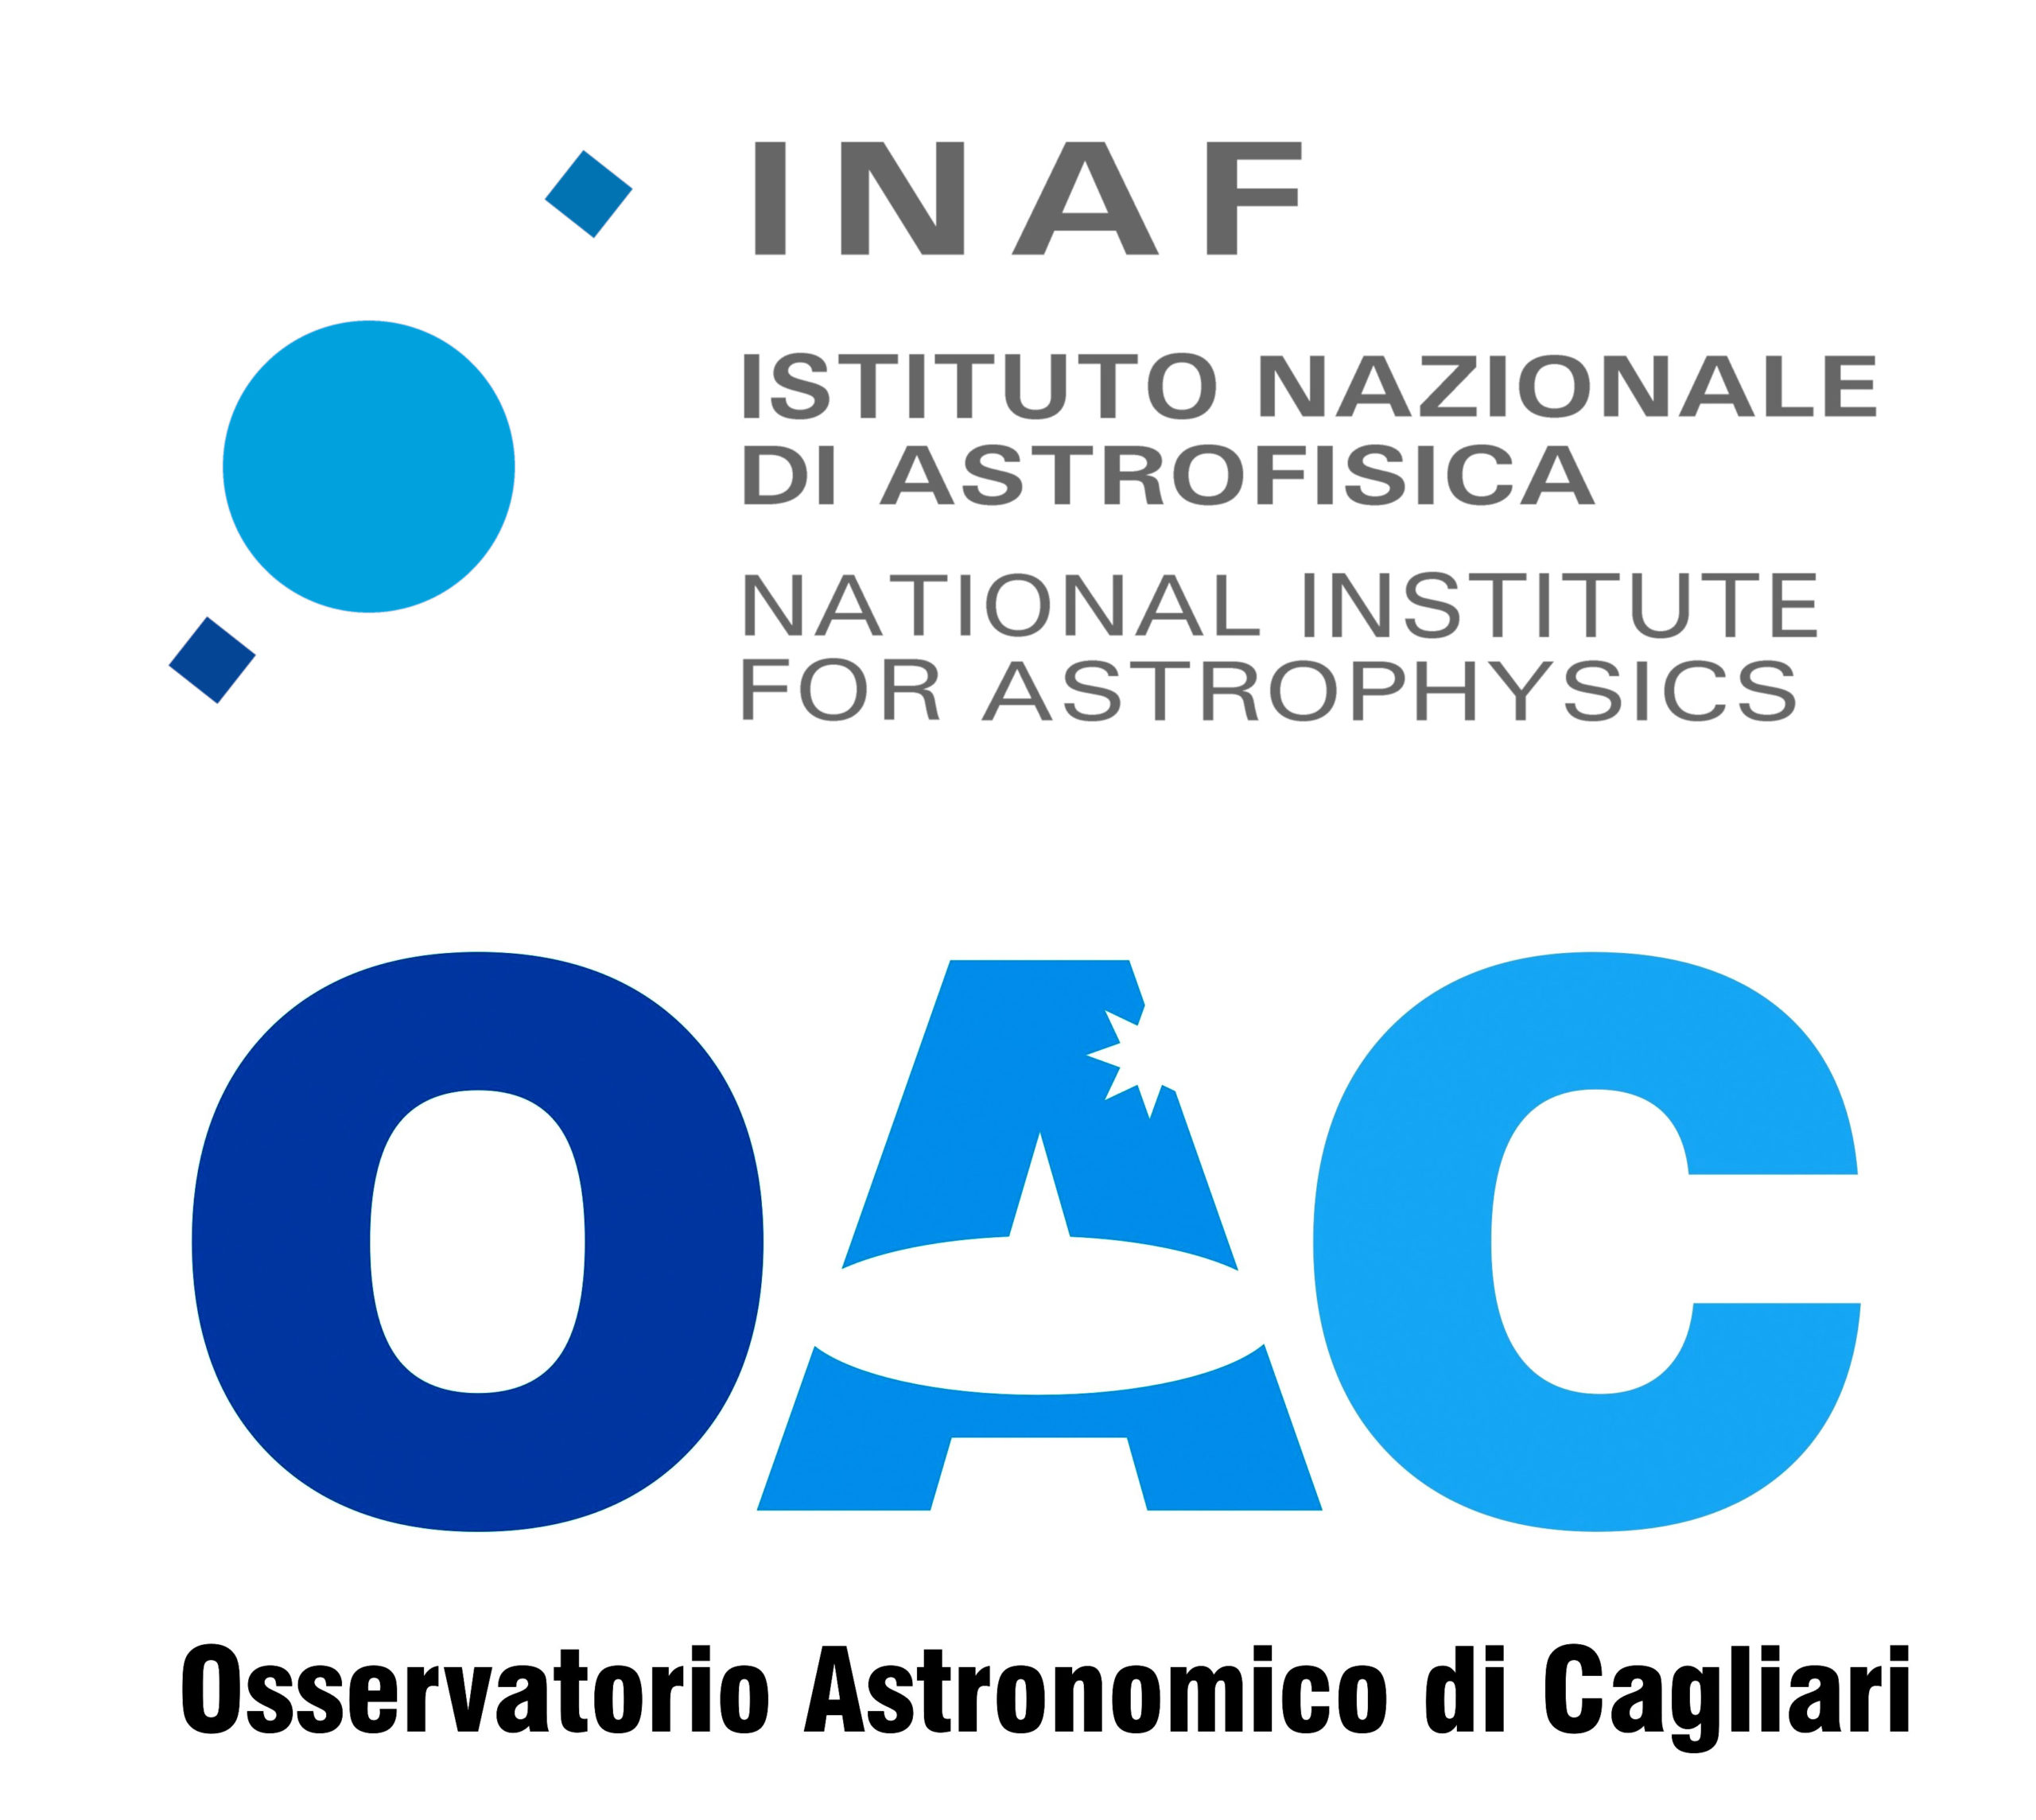 OAC - INAF Osservatorio Astronomico di Cagliari Istituto Nazionale di AstroFisica